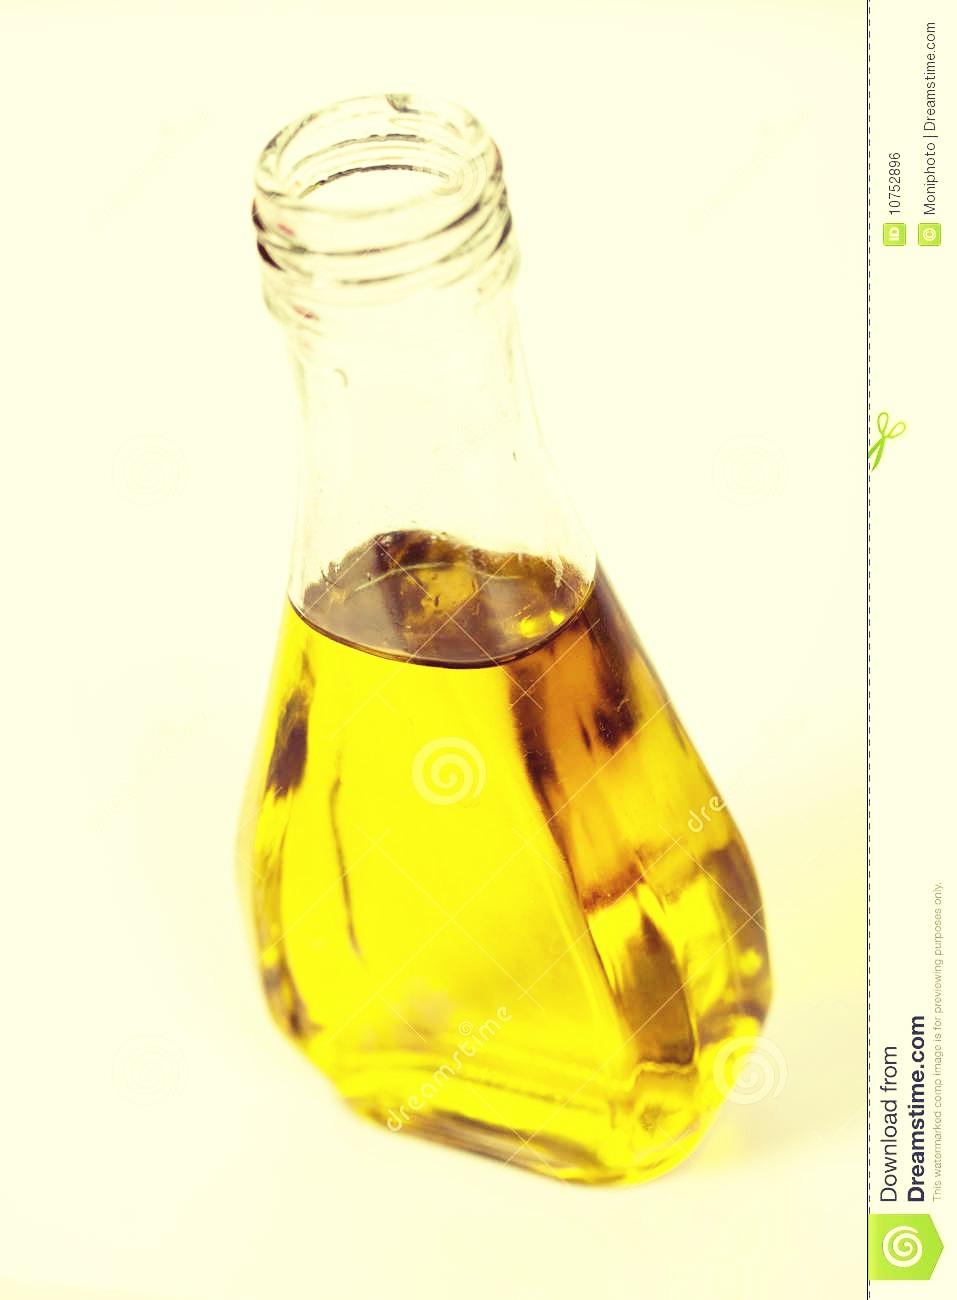 Vegetable Oil Substitute Cake Recipe